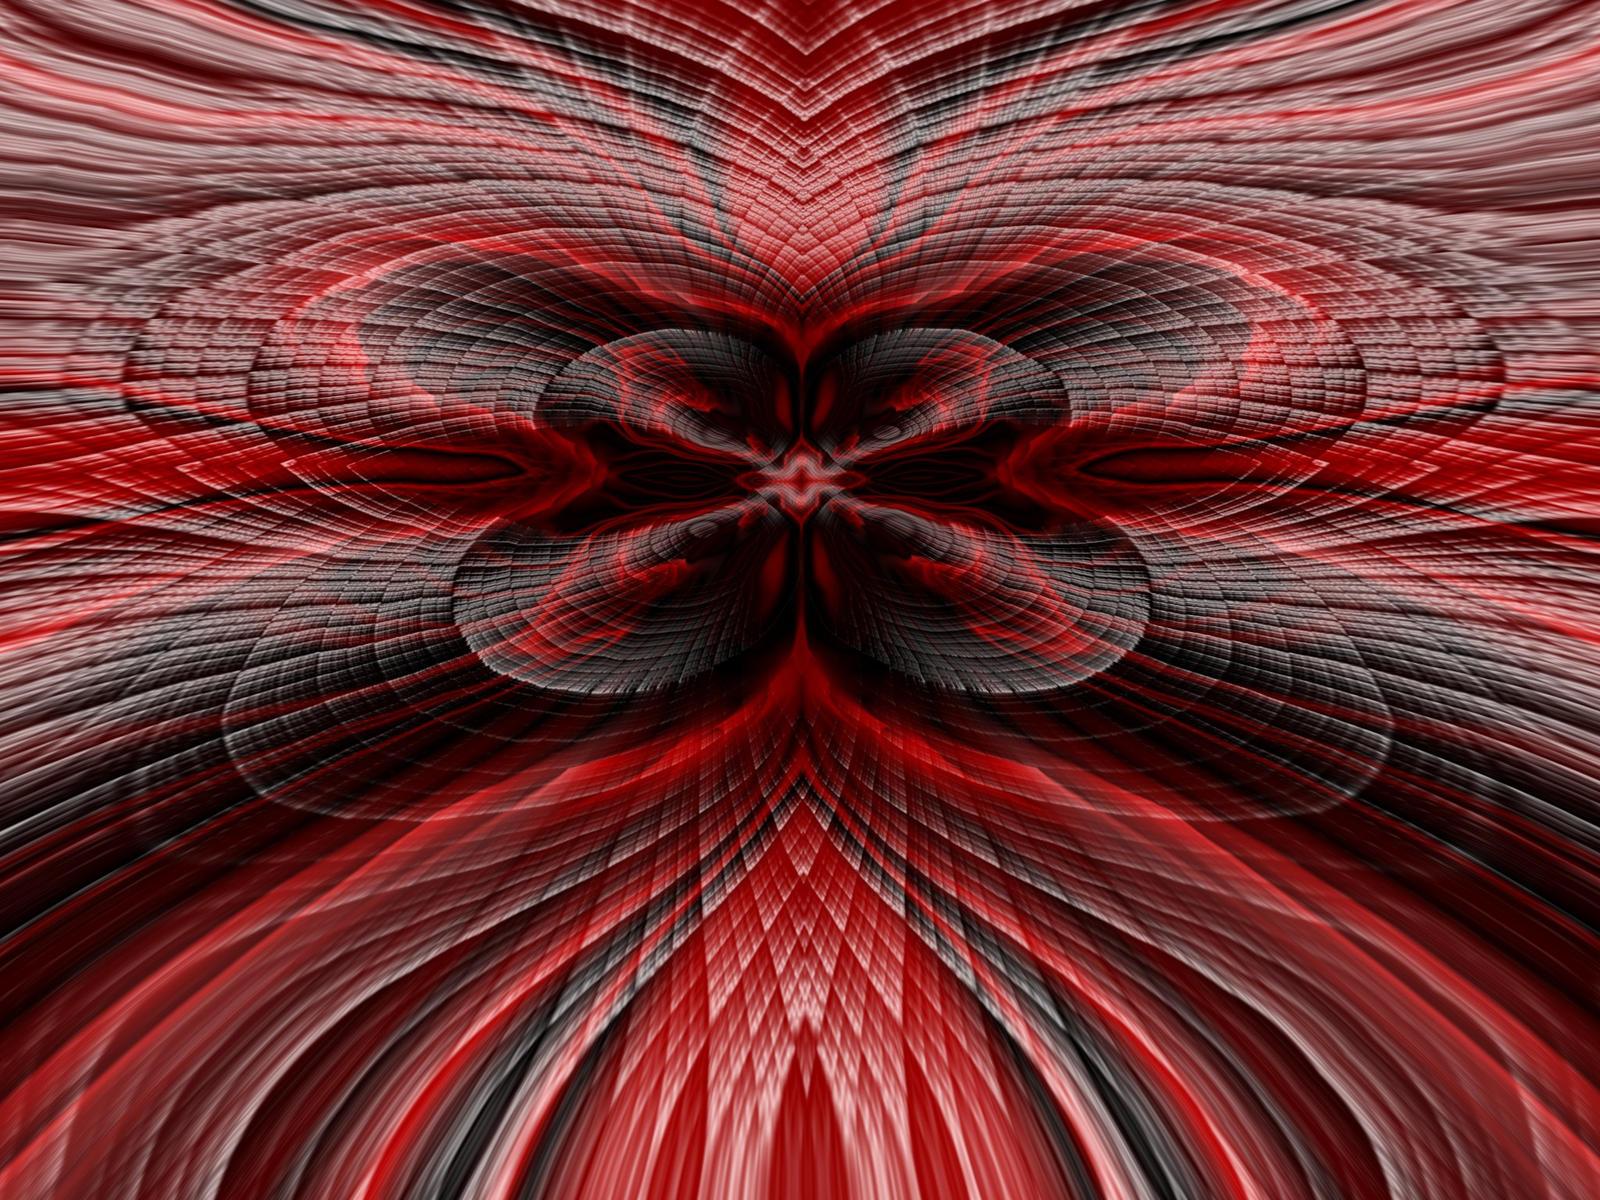 Bloodflowers by Joe-Maccer